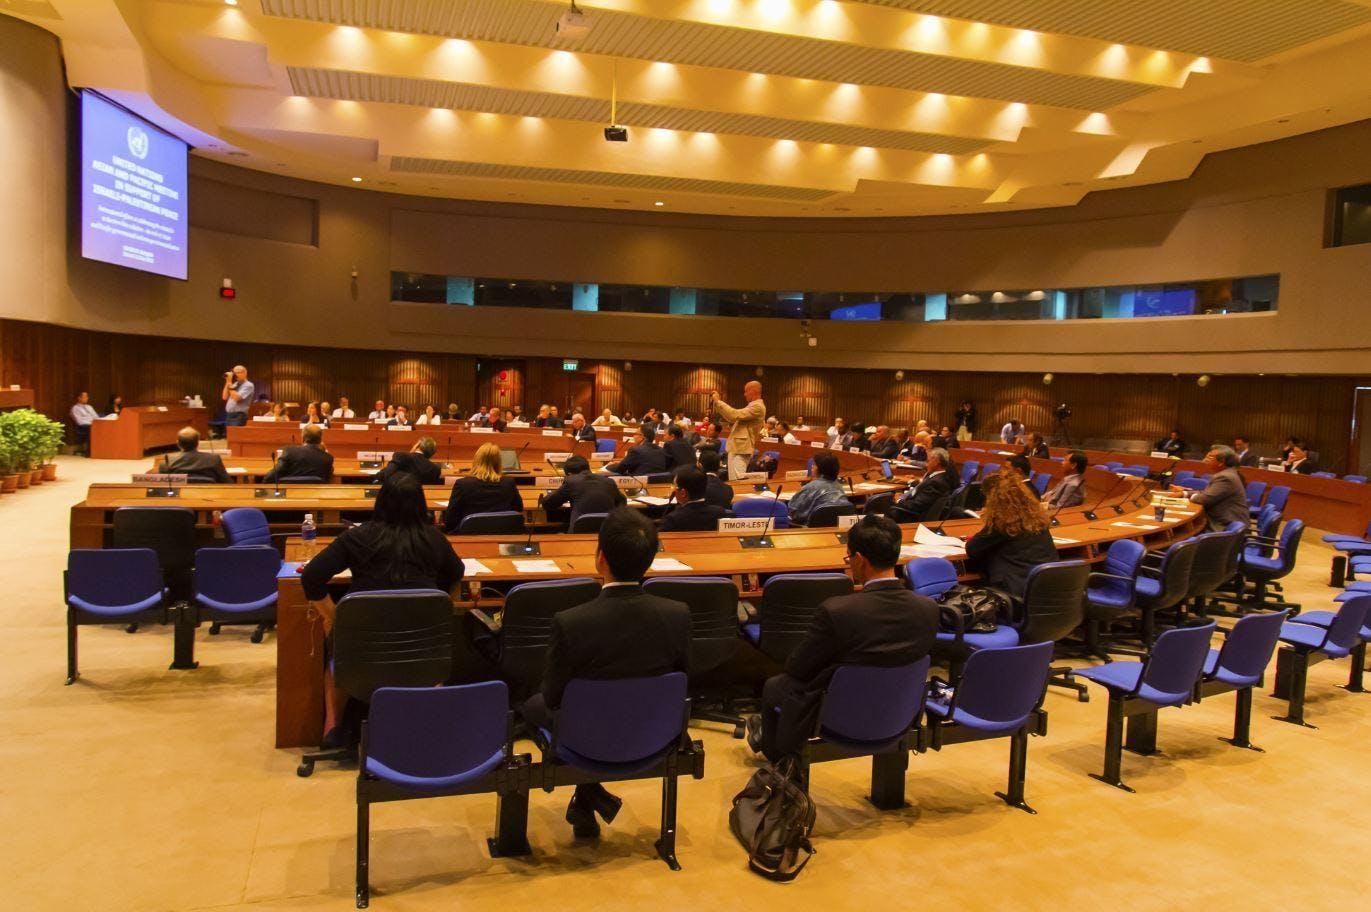 2nd World Congress On Obesity & Cosmetic Dermatology (gic) AS